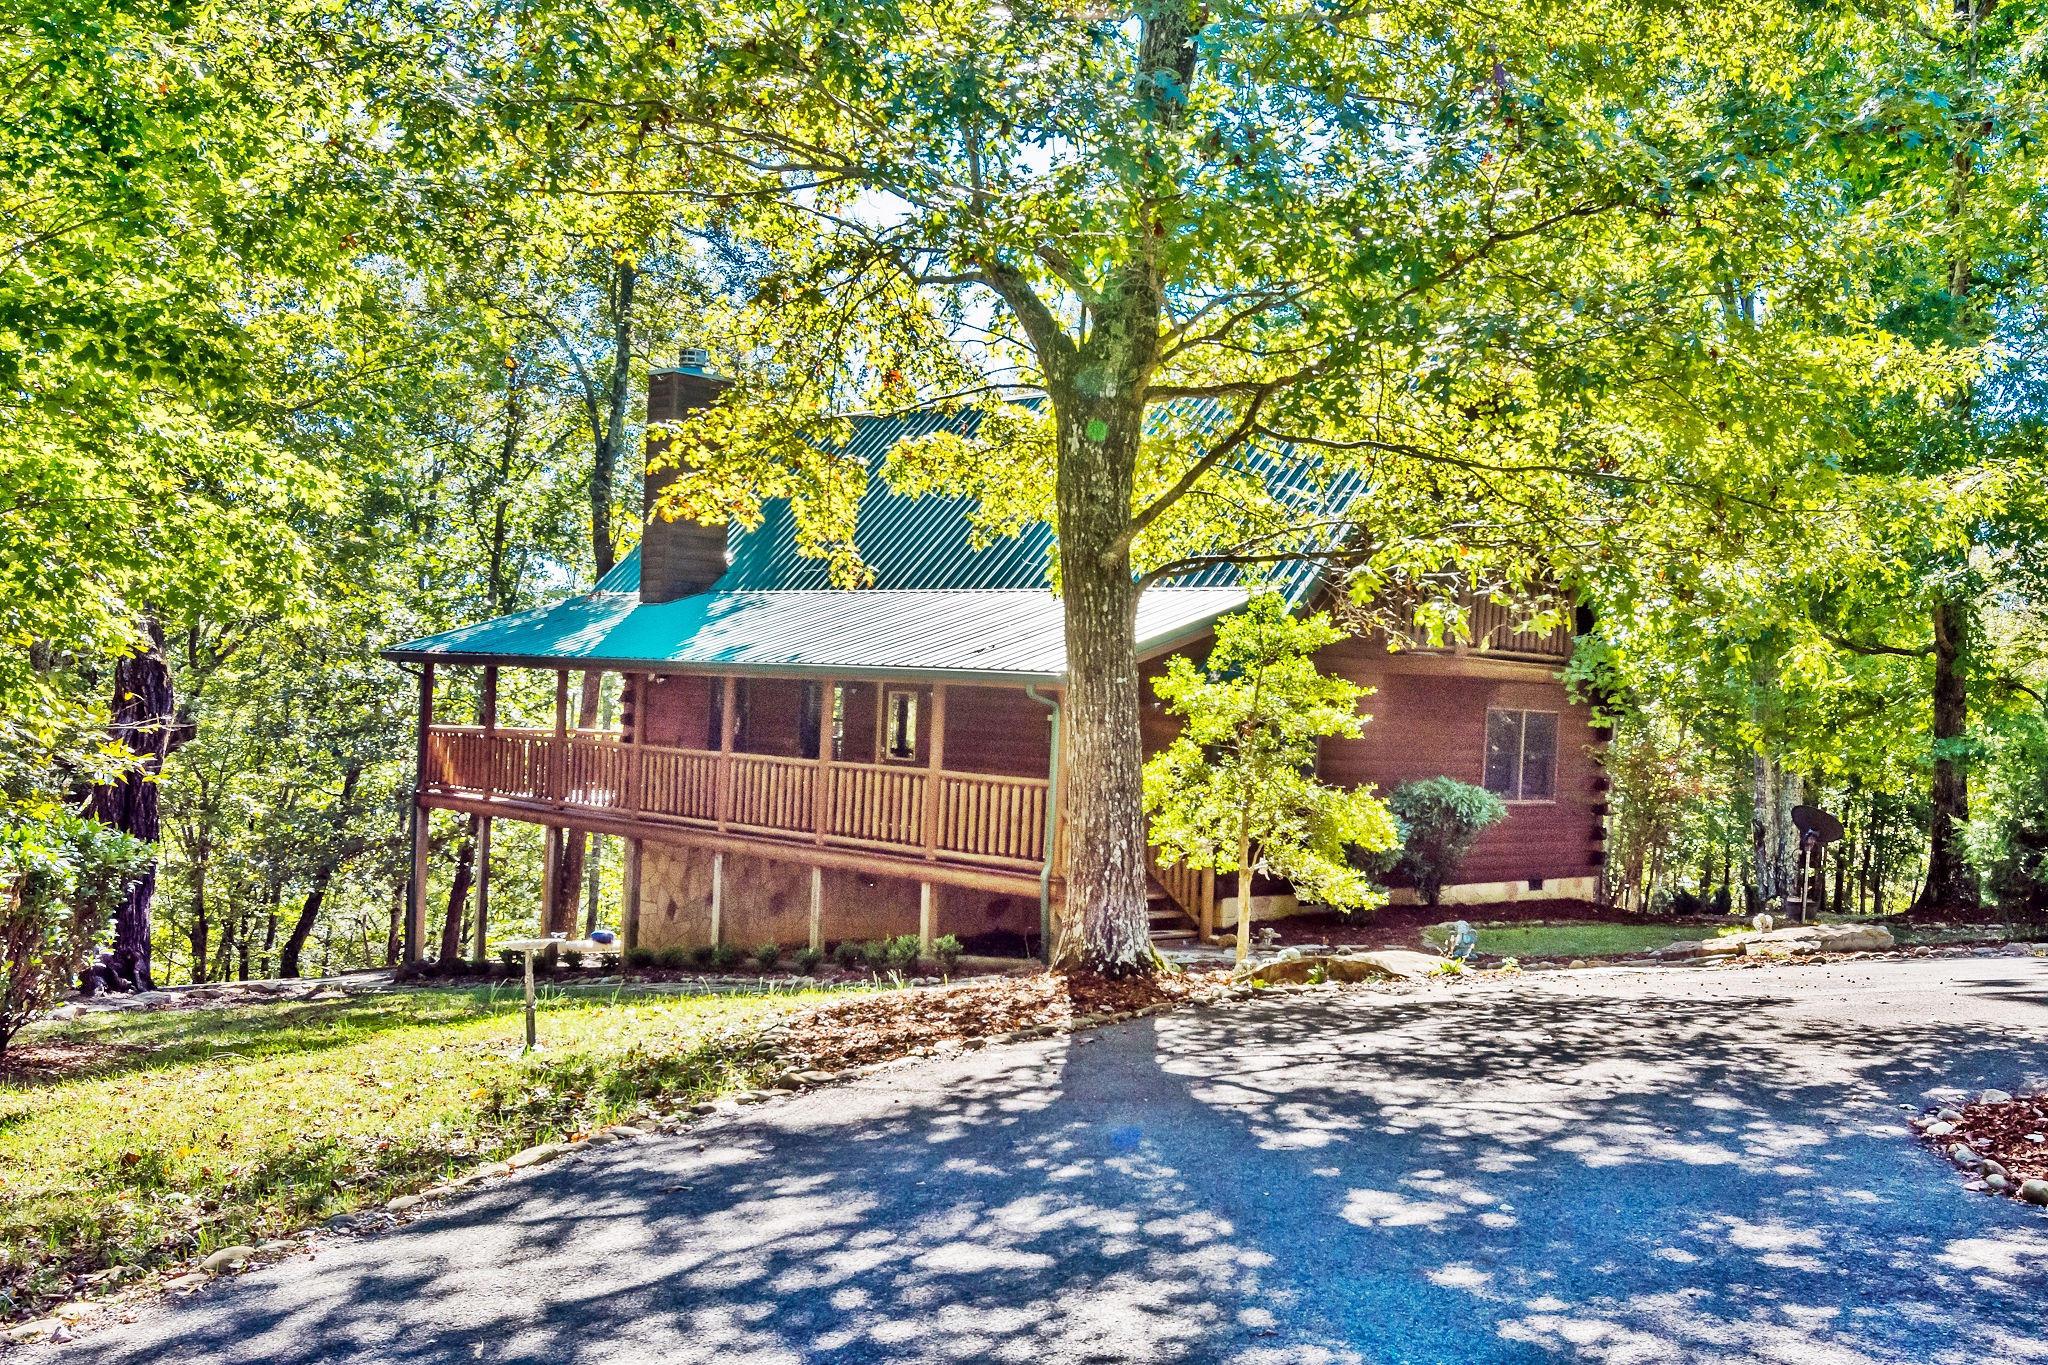 973 Stone Creek Tr, Dunlap, TN 37327